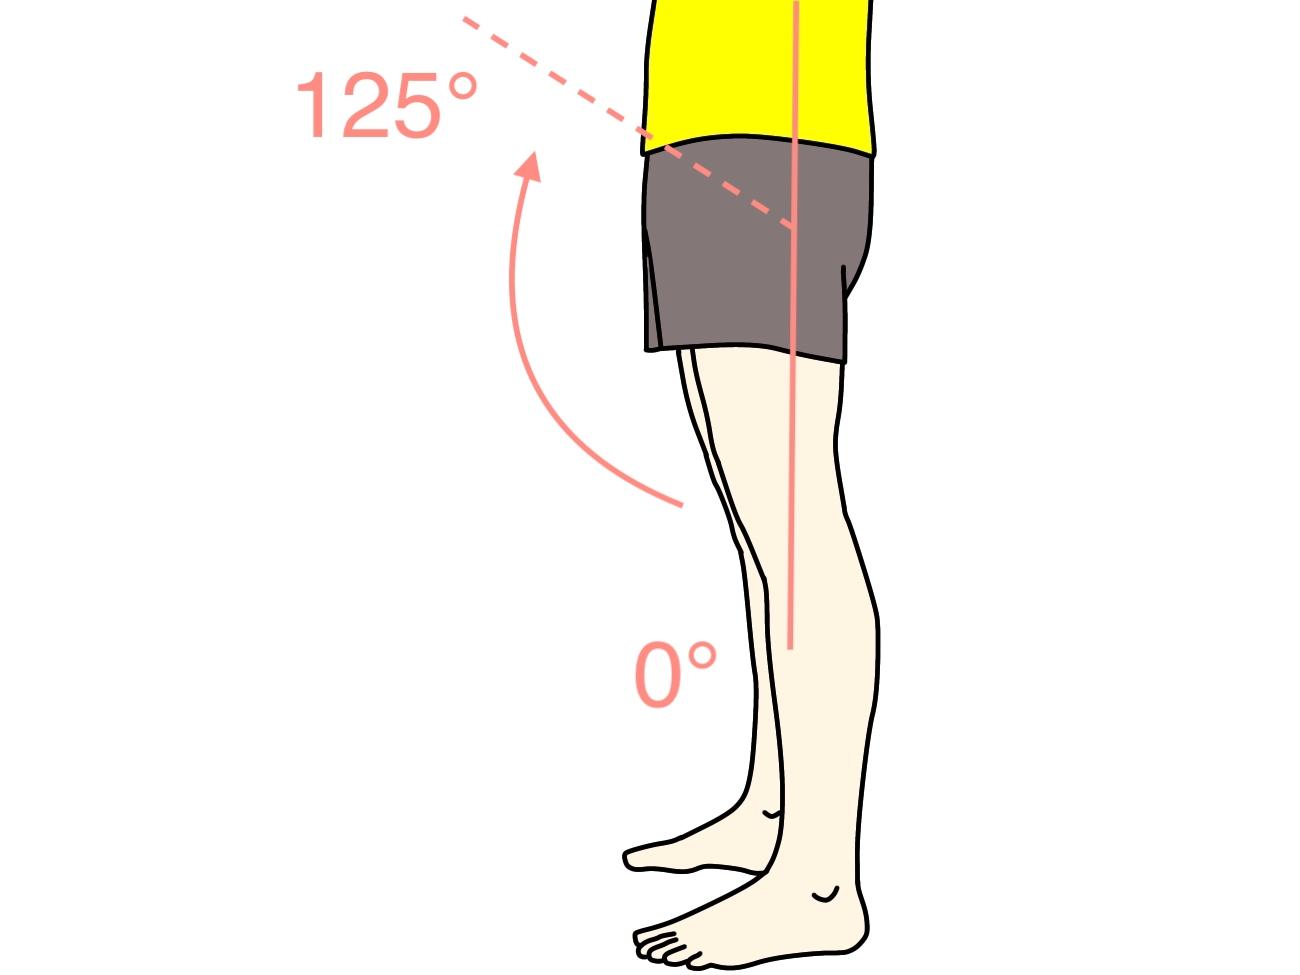 脚を前に上げる動作(股関節の屈曲)の関節可動域(ROM)と働く筋肉のまとめ